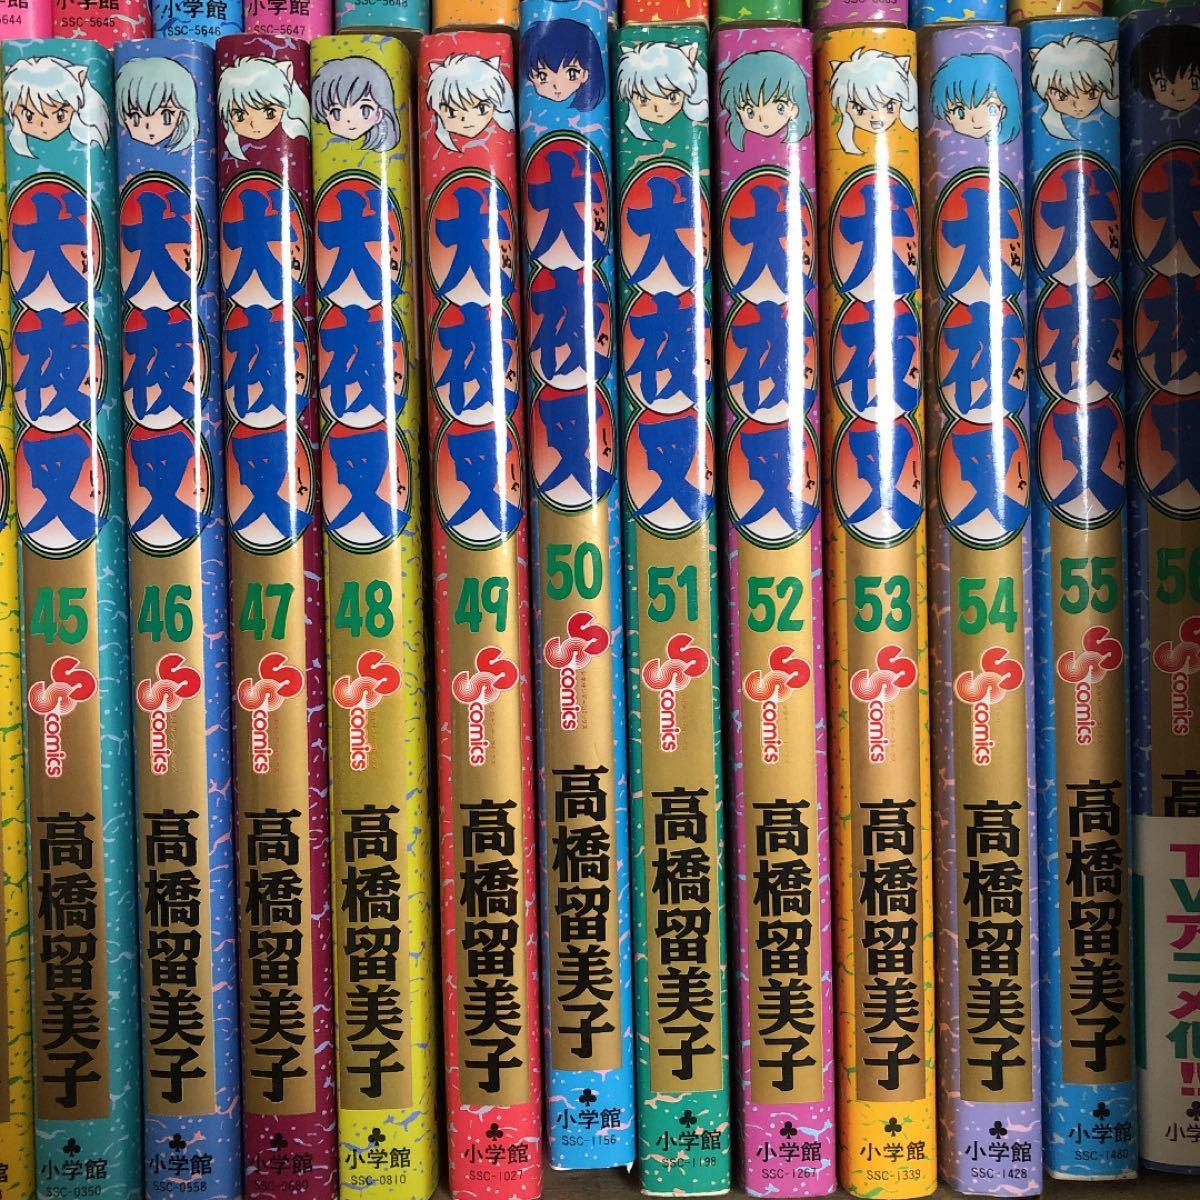 犬夜叉全巻 全56巻セット